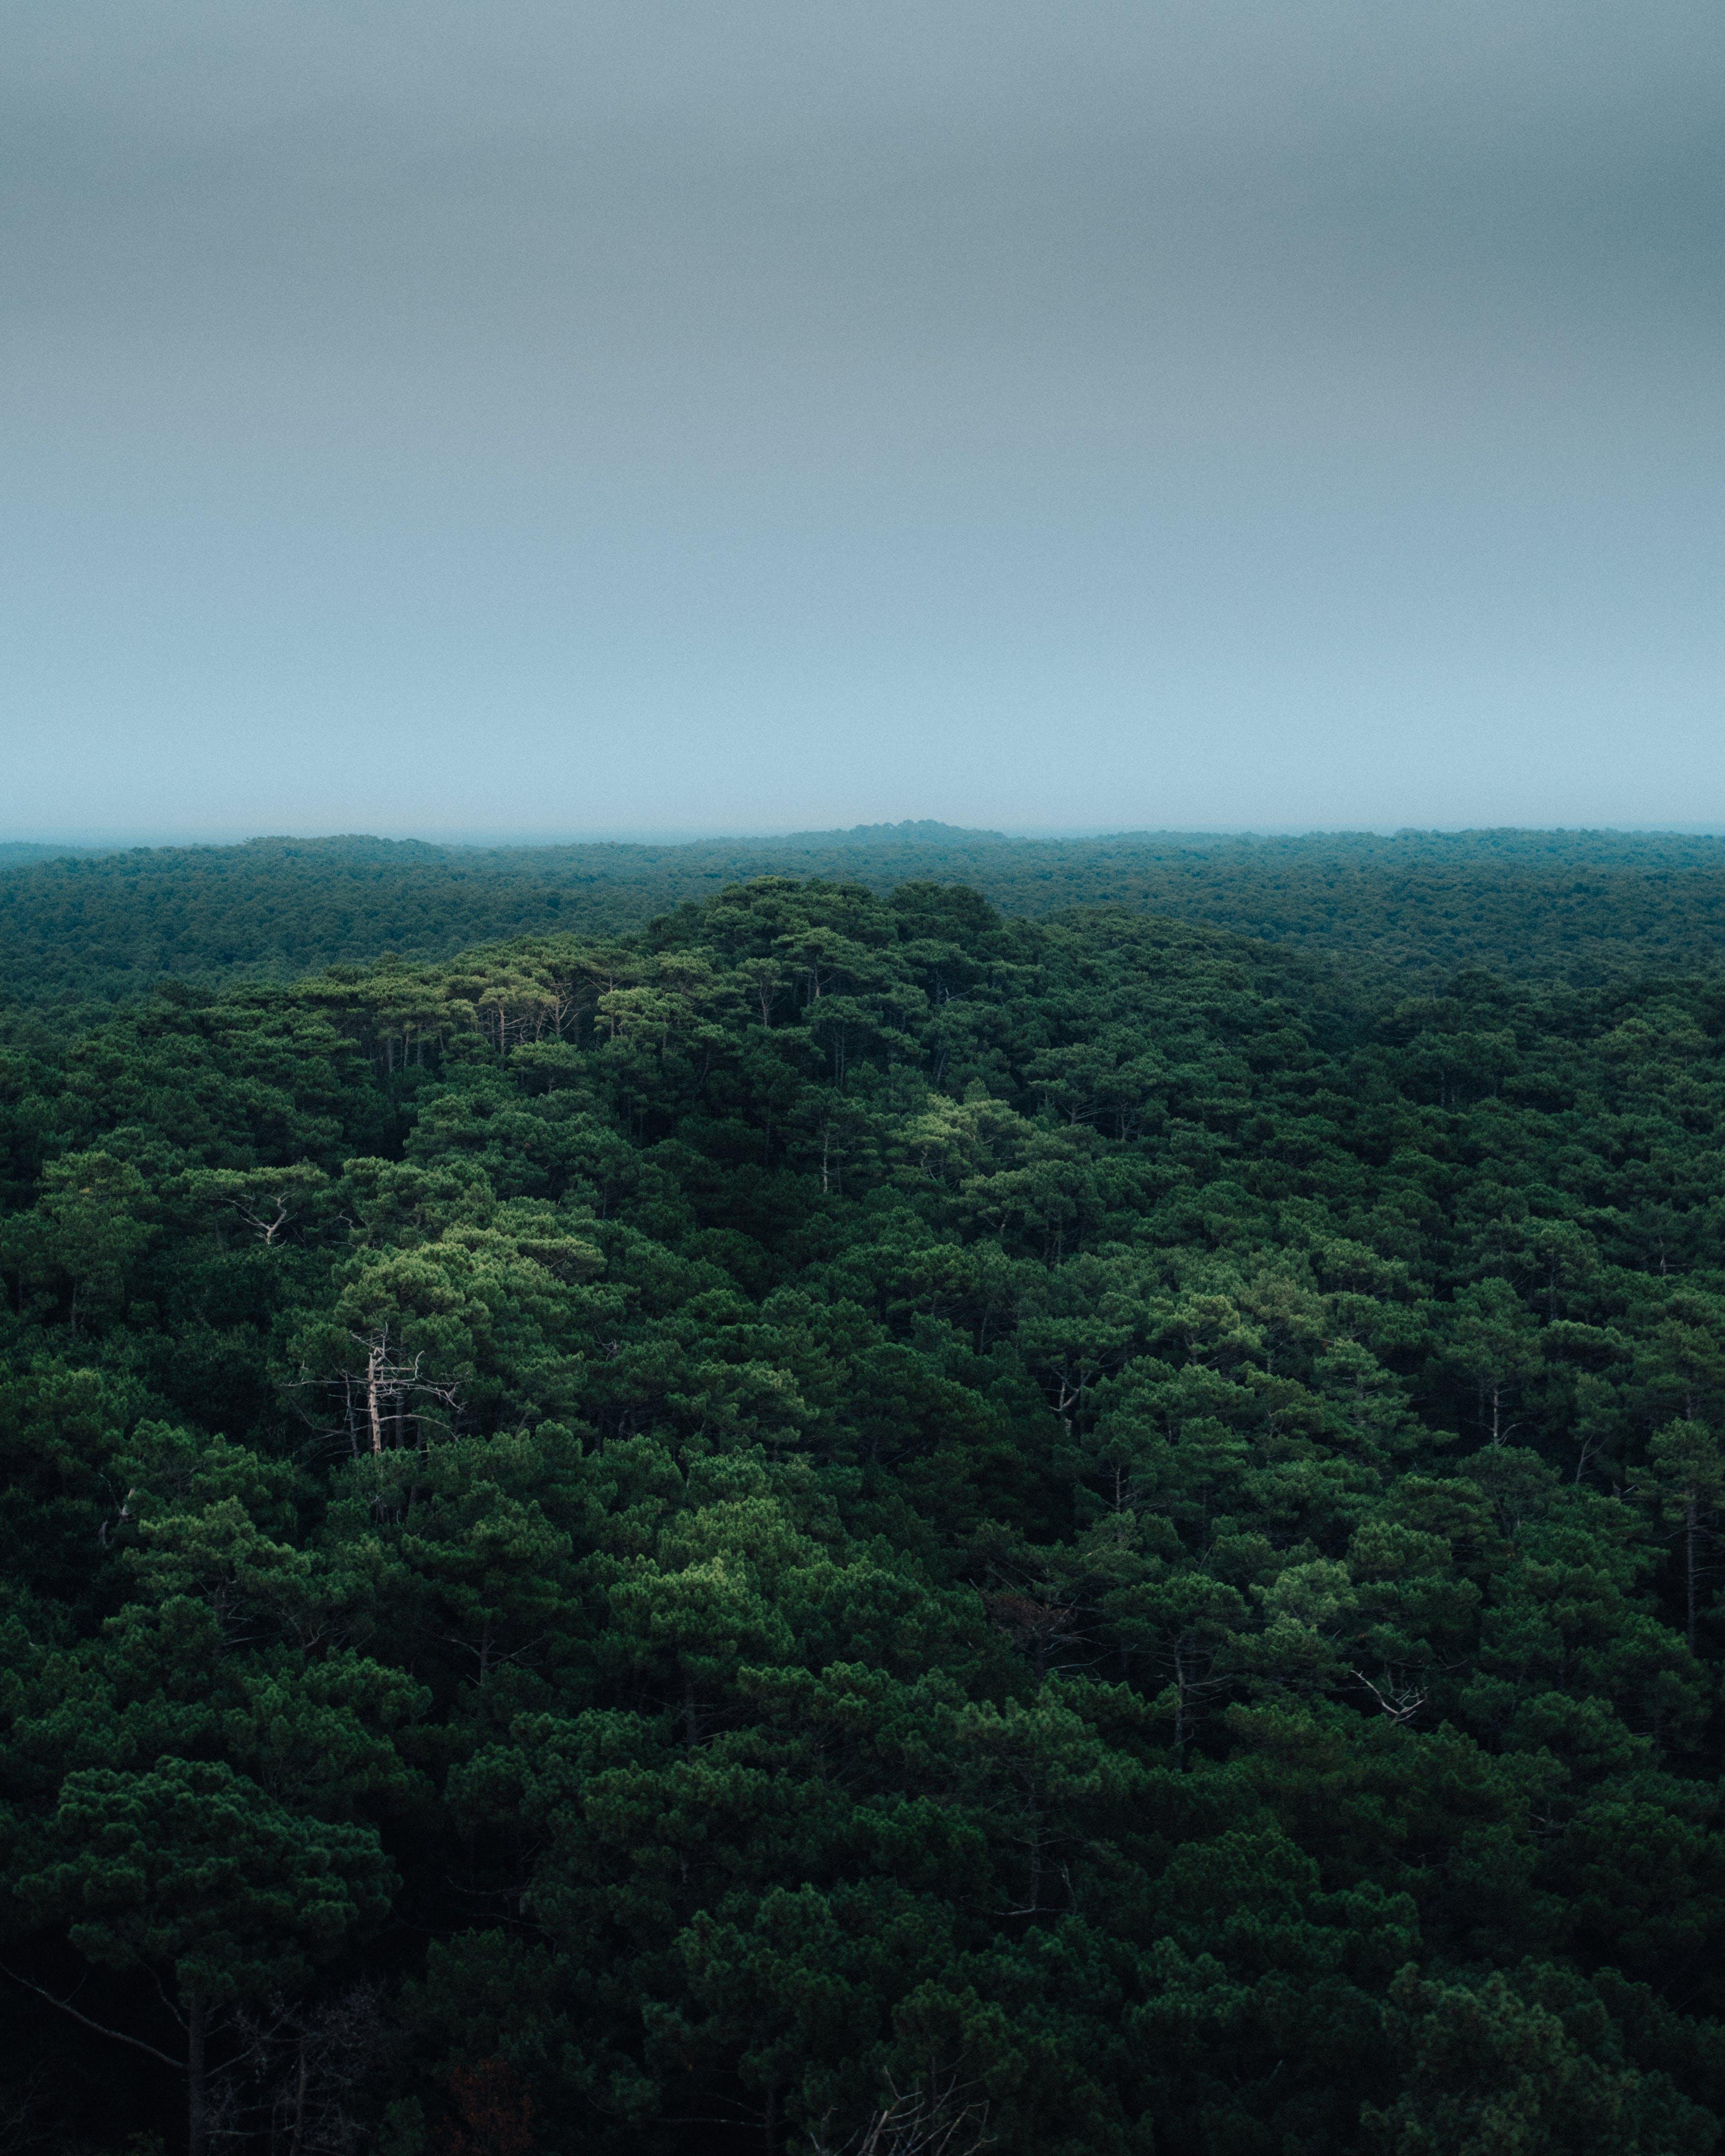 di alberi, boschi, da sopra, foresta